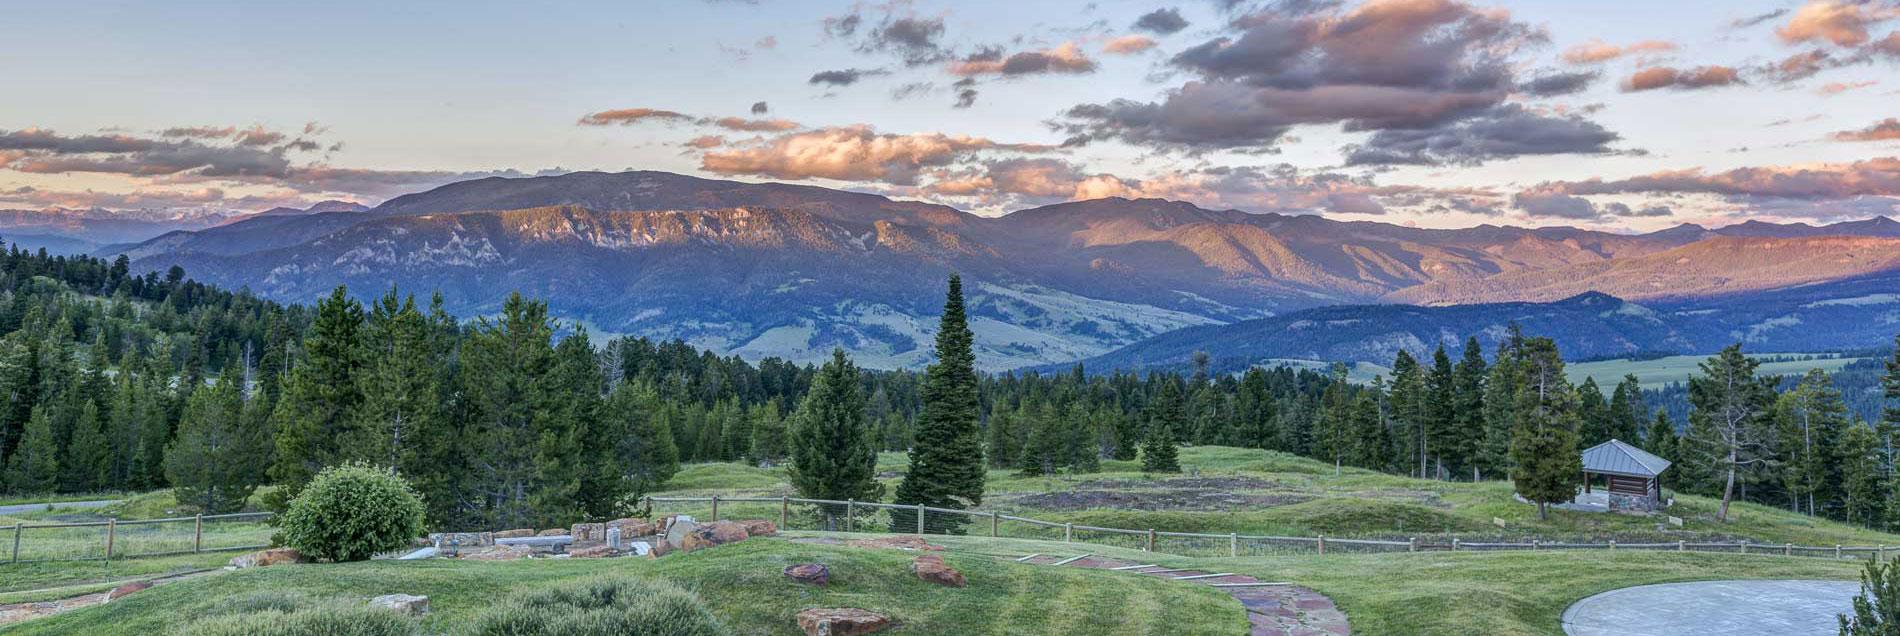 field outside of Helena, Montana